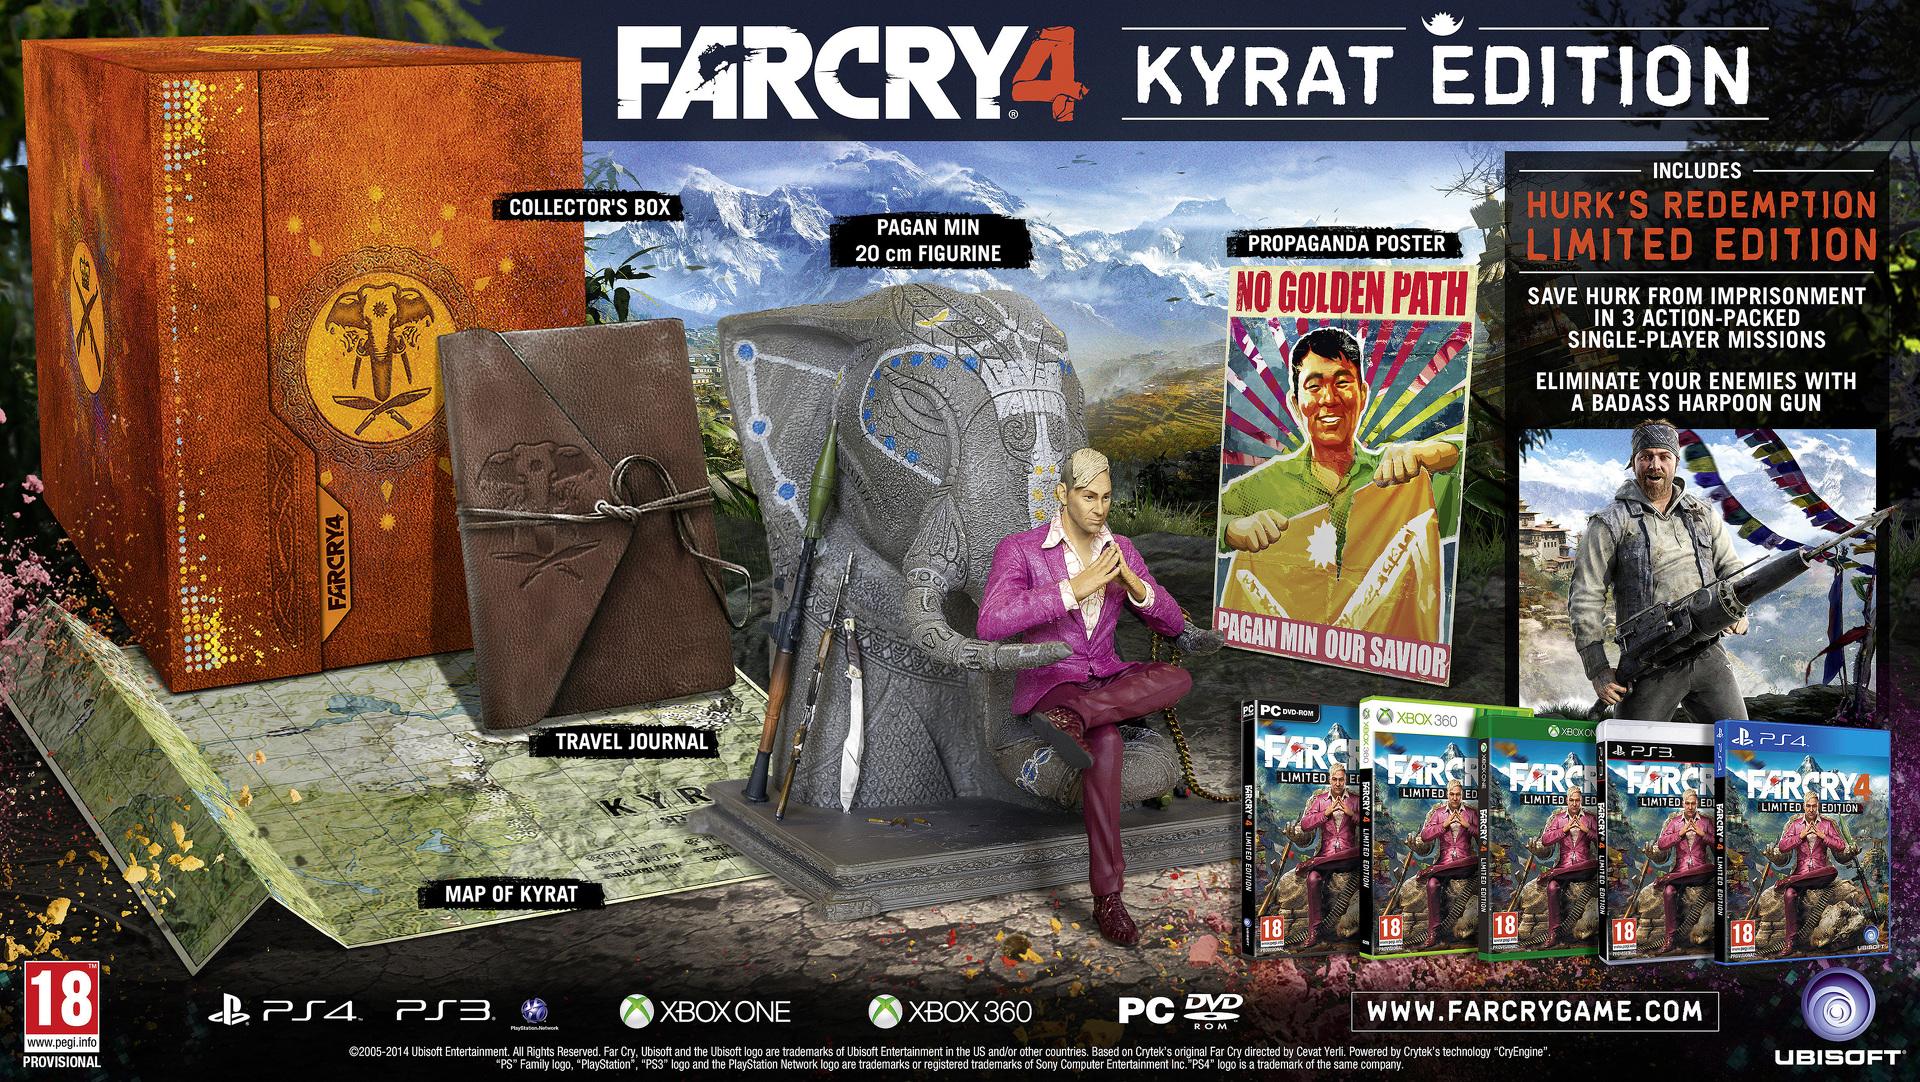 Figurka Pagana Mina z Far Cry 4 i samostatně 97669